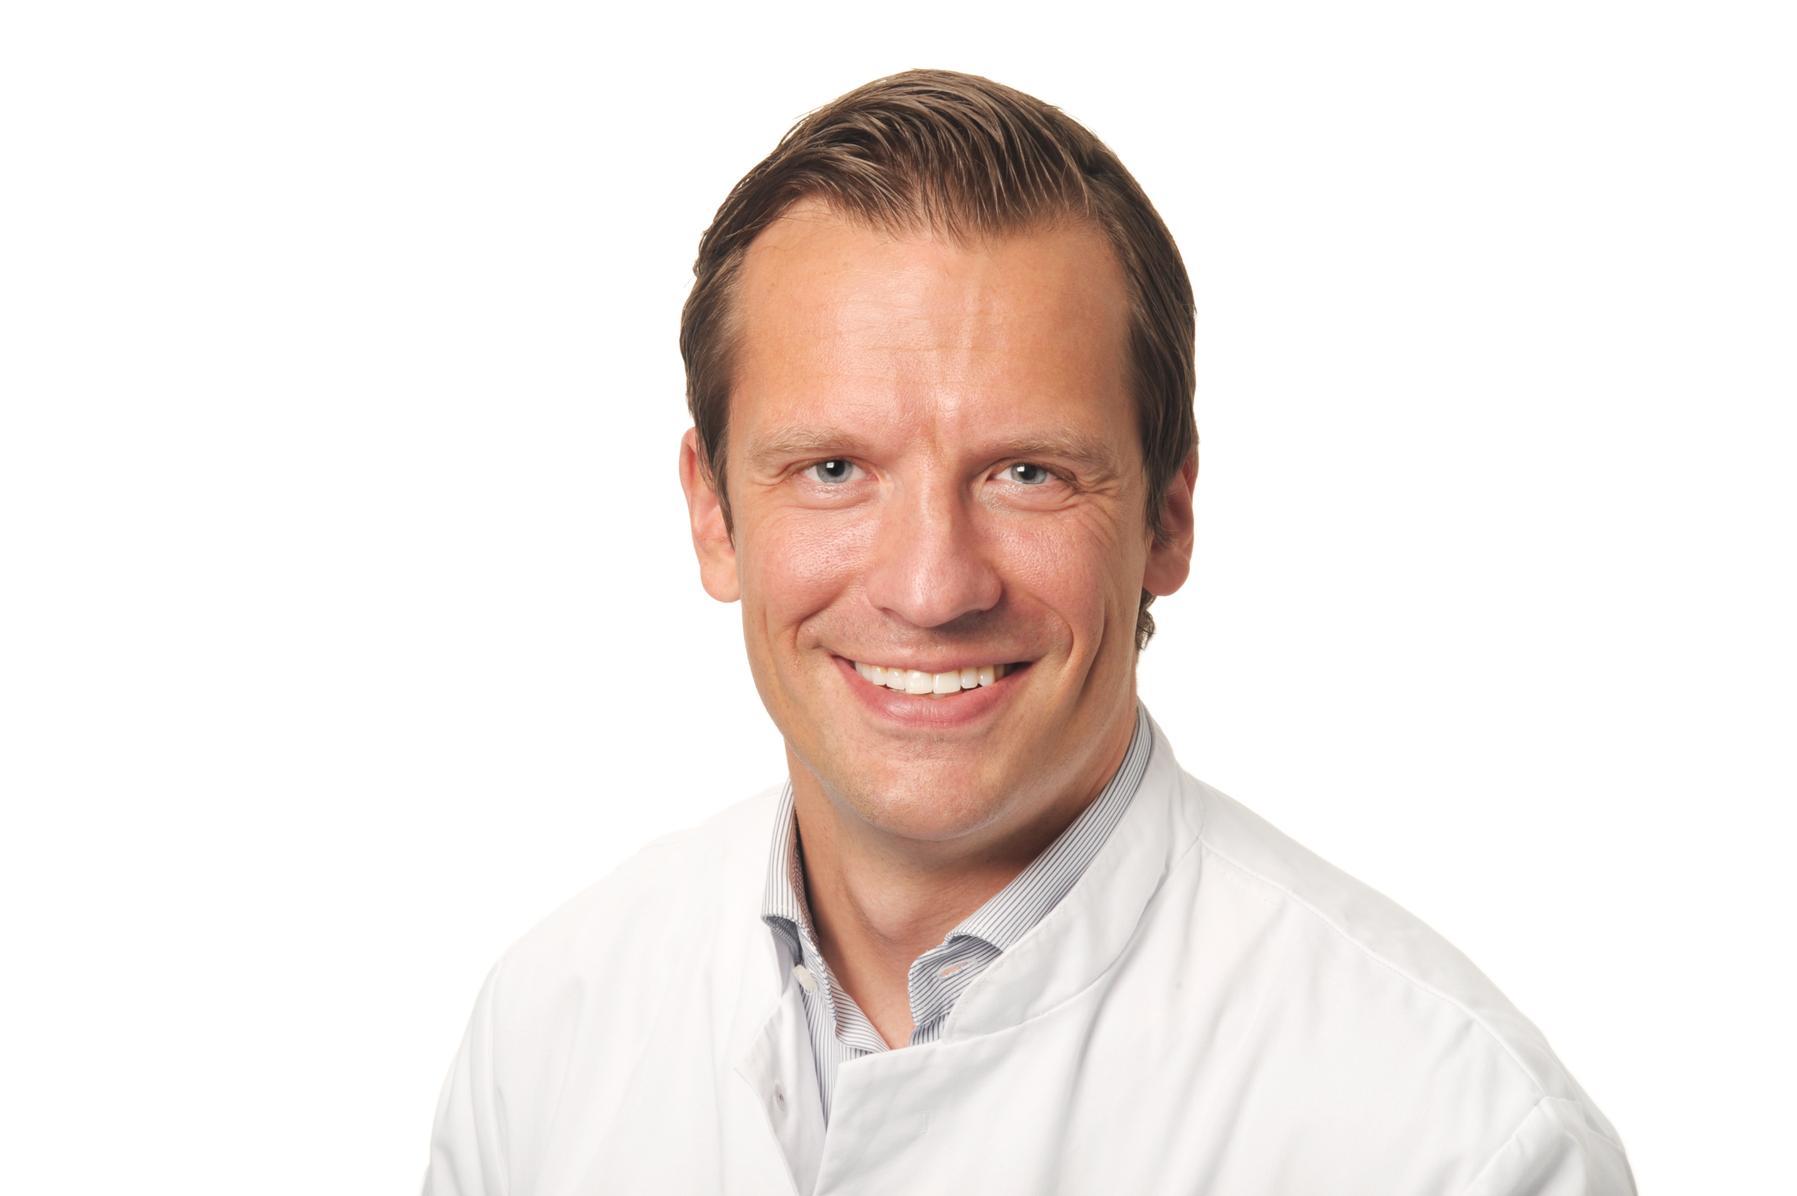 PD Dr. med. Fabian Trillsch